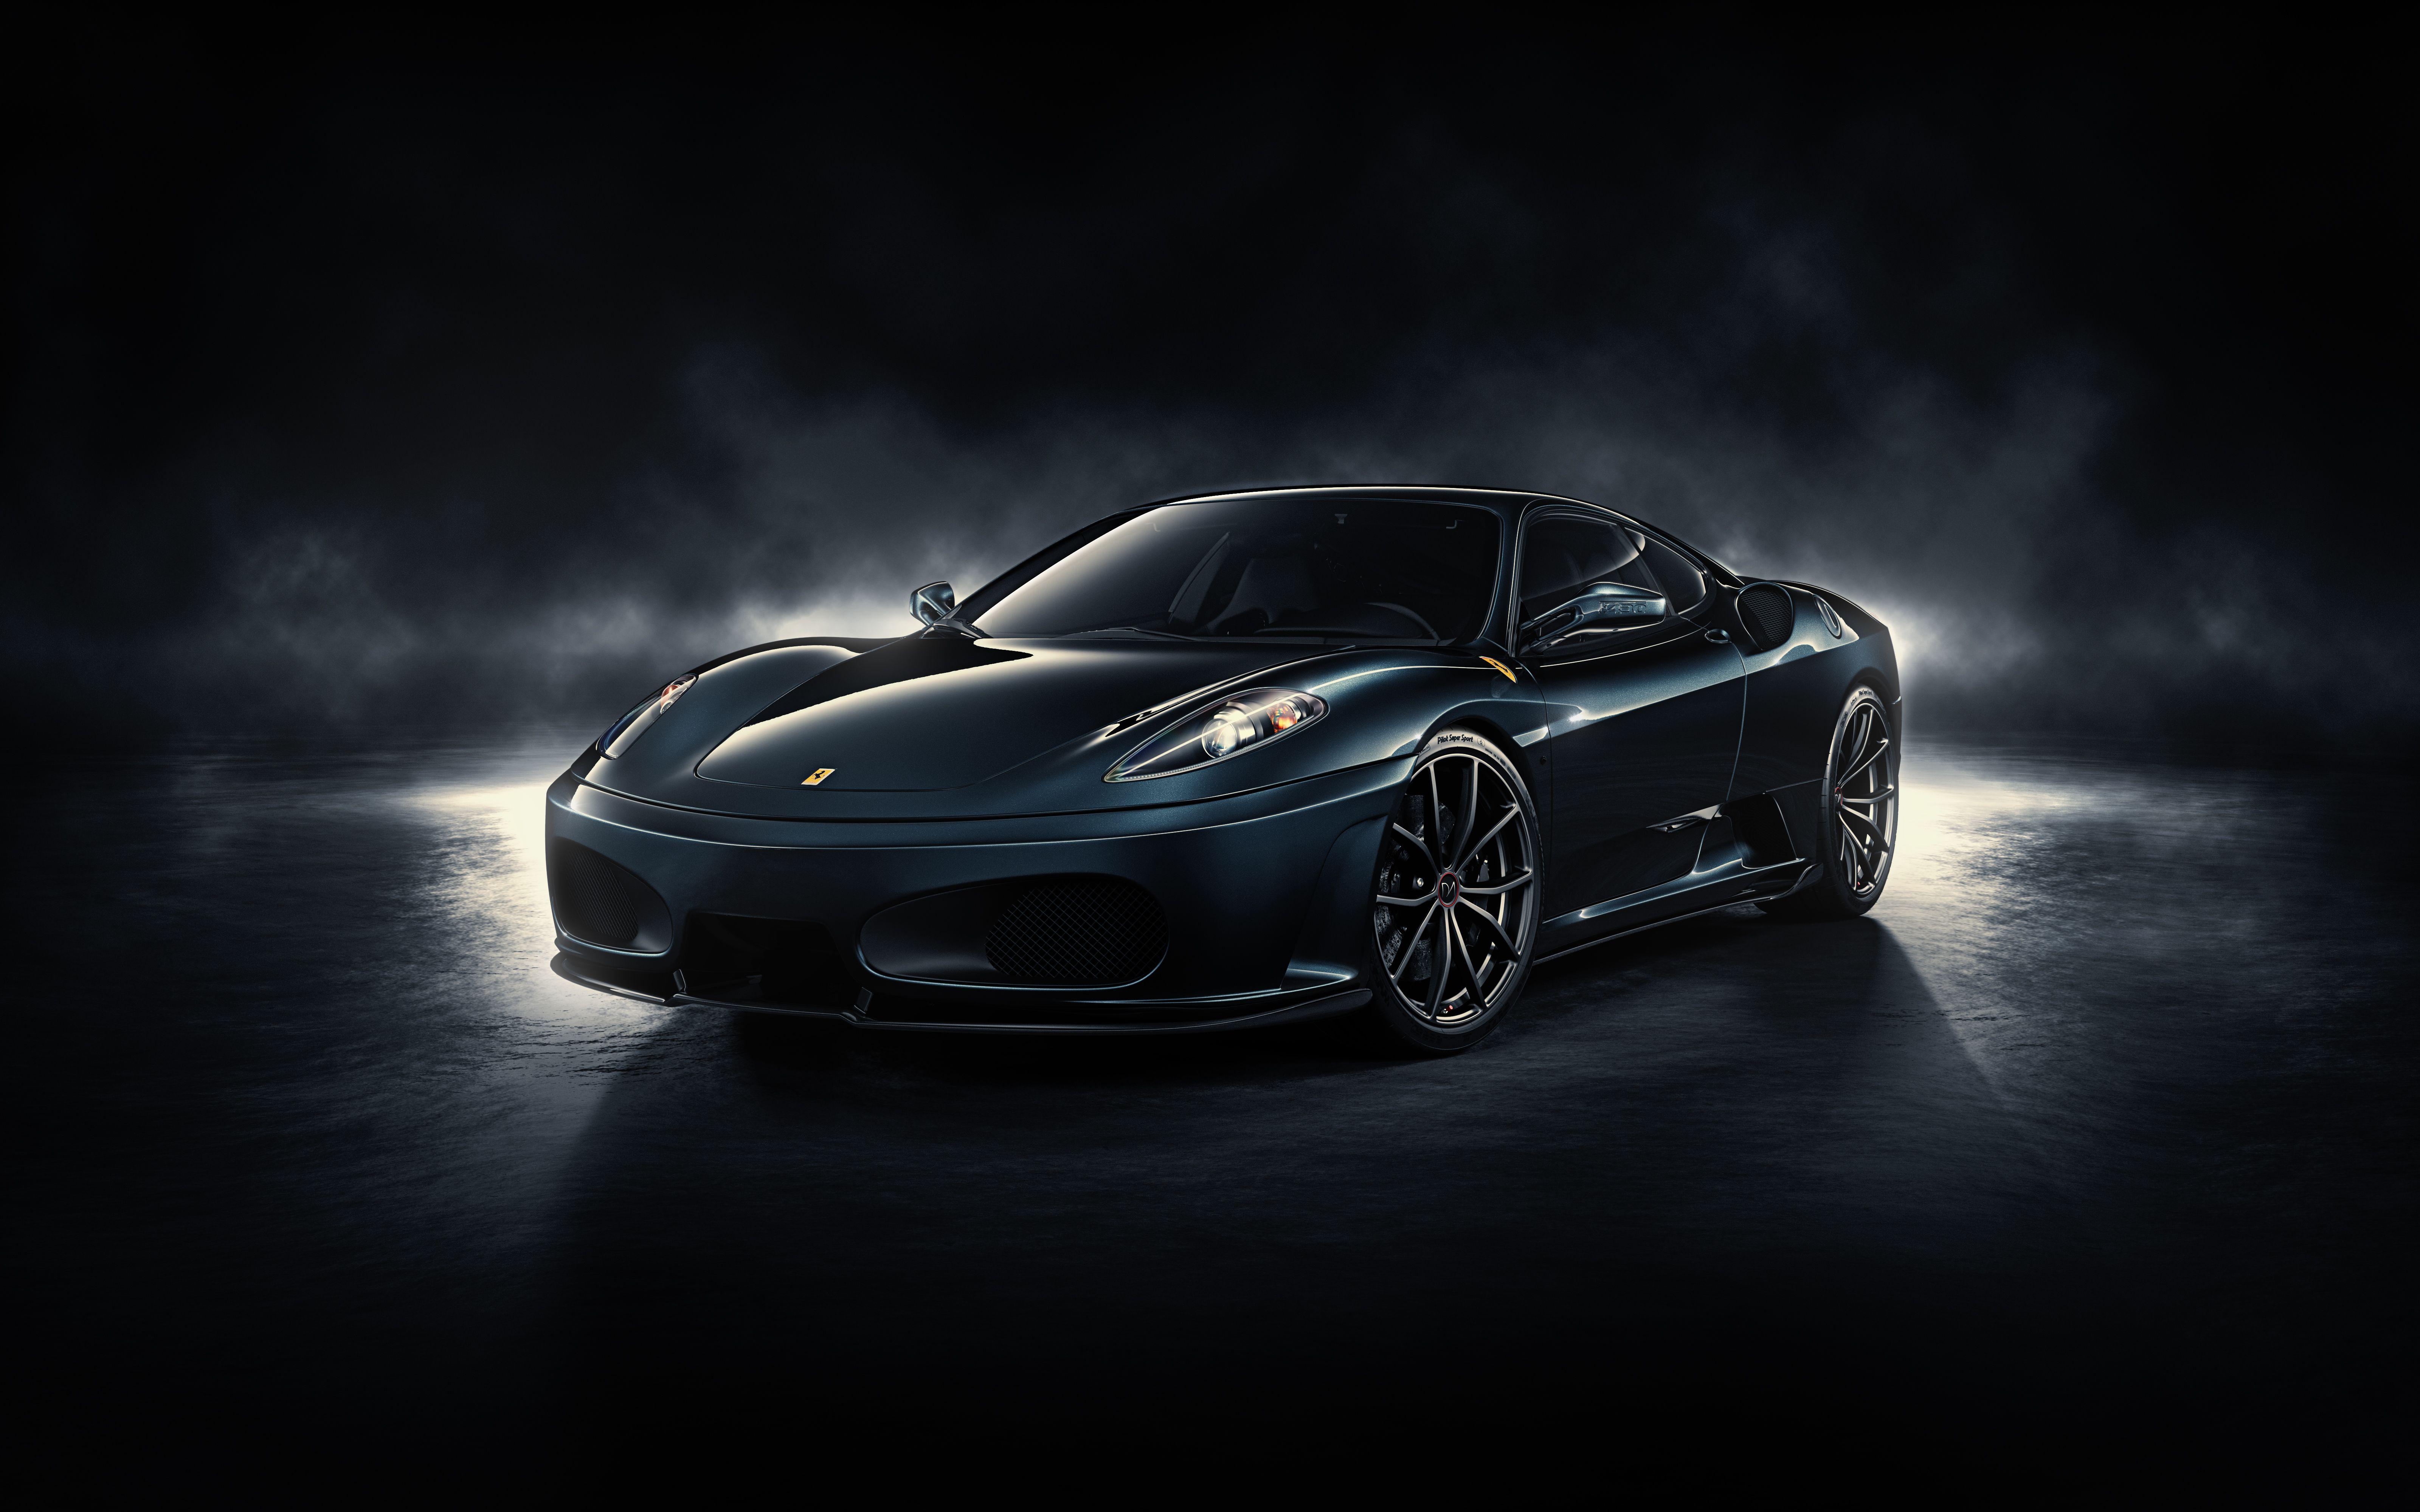 Free download Pics Photos Ferrari F430 Black Ipad ...